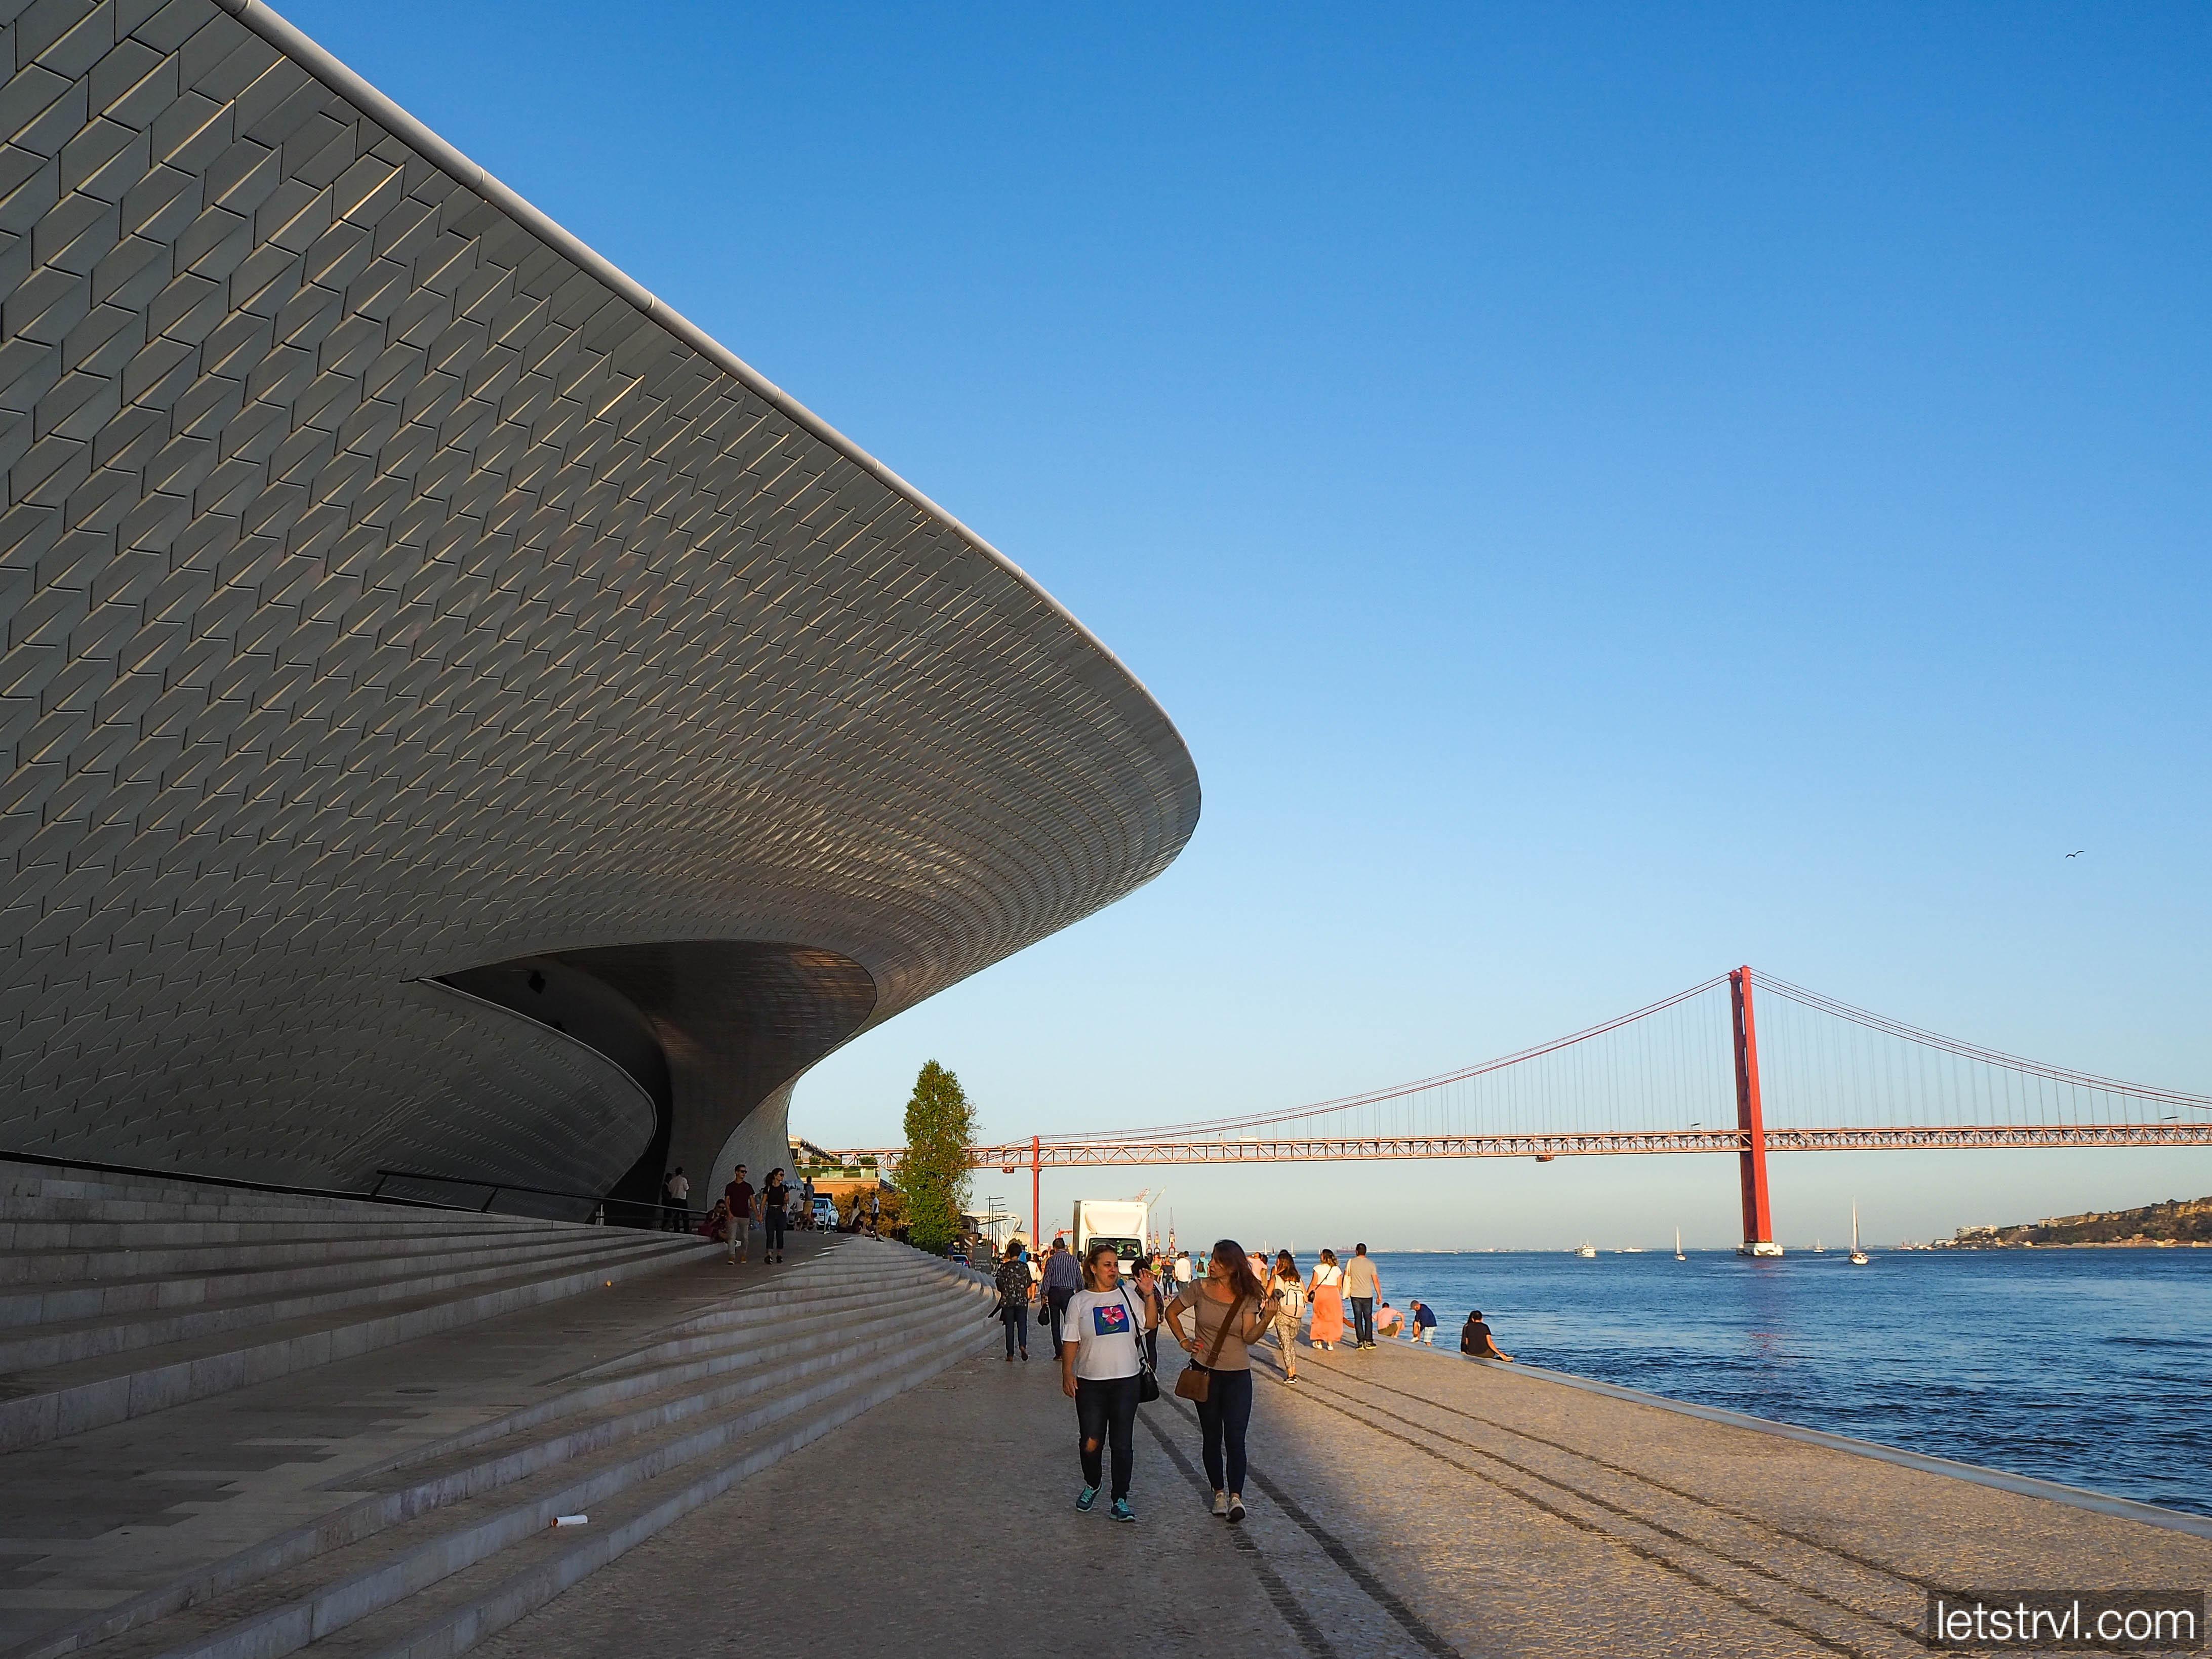 Музей современного искусства, архитектуры и технологий MAAT